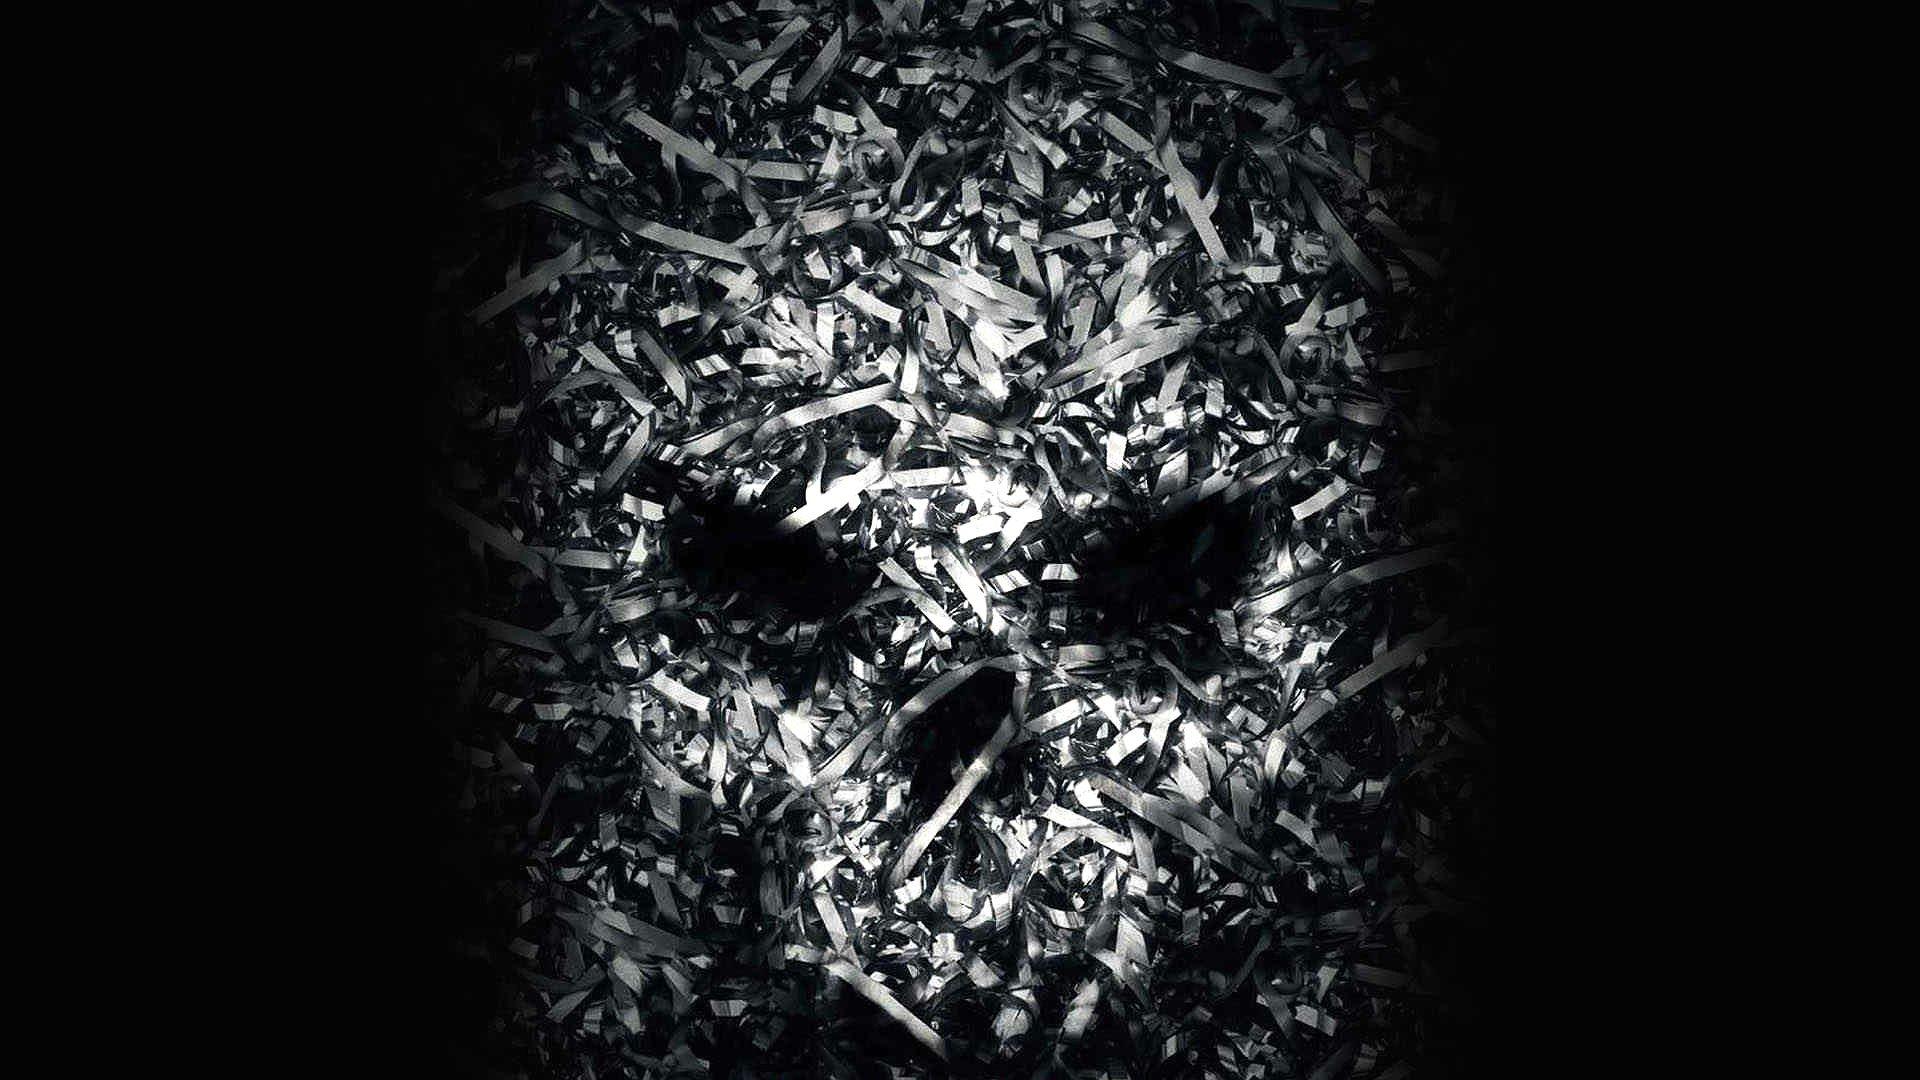 Evil Psychedelic Wallpaper 3d Hd